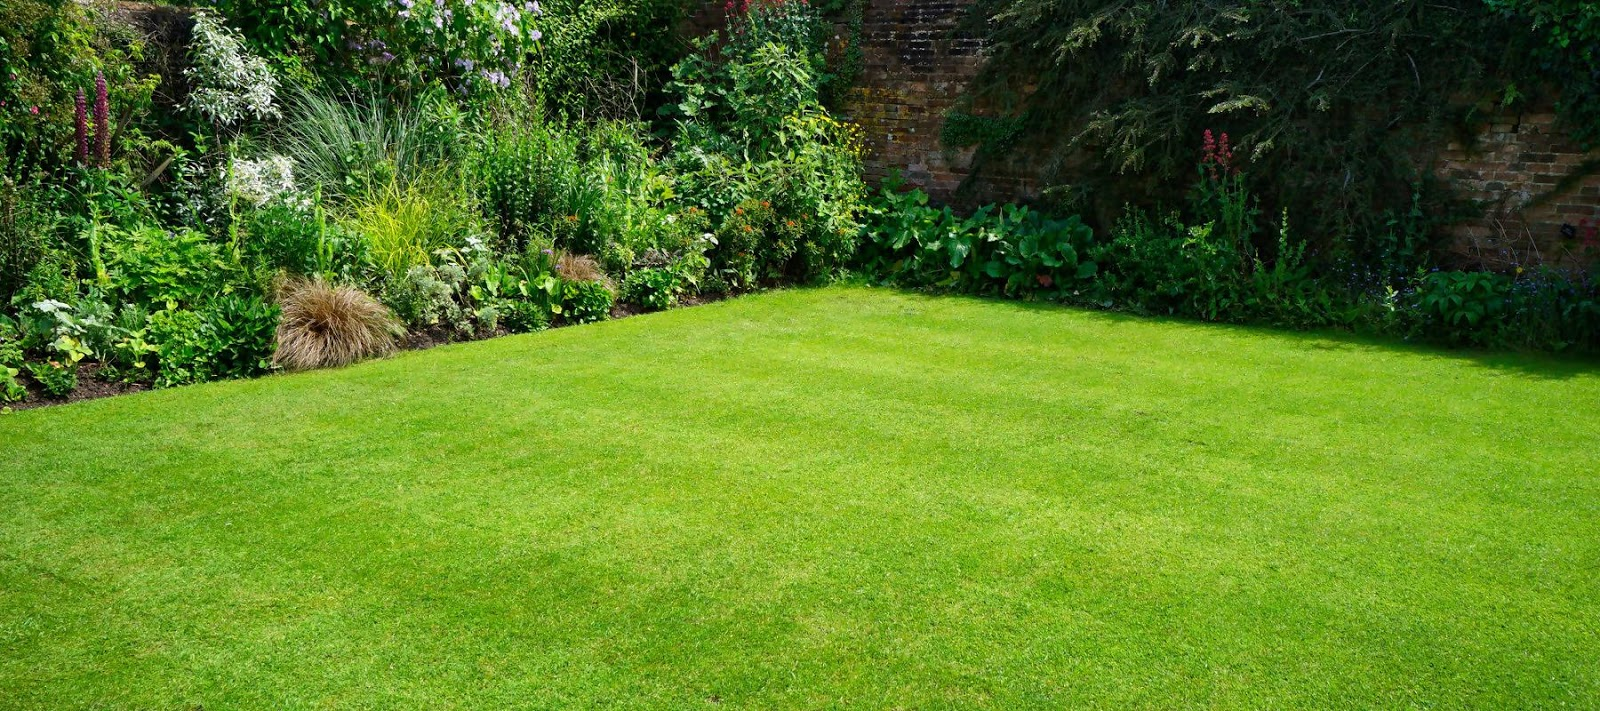 Ảnh bãi cỏ xanh đẹp trong vườn